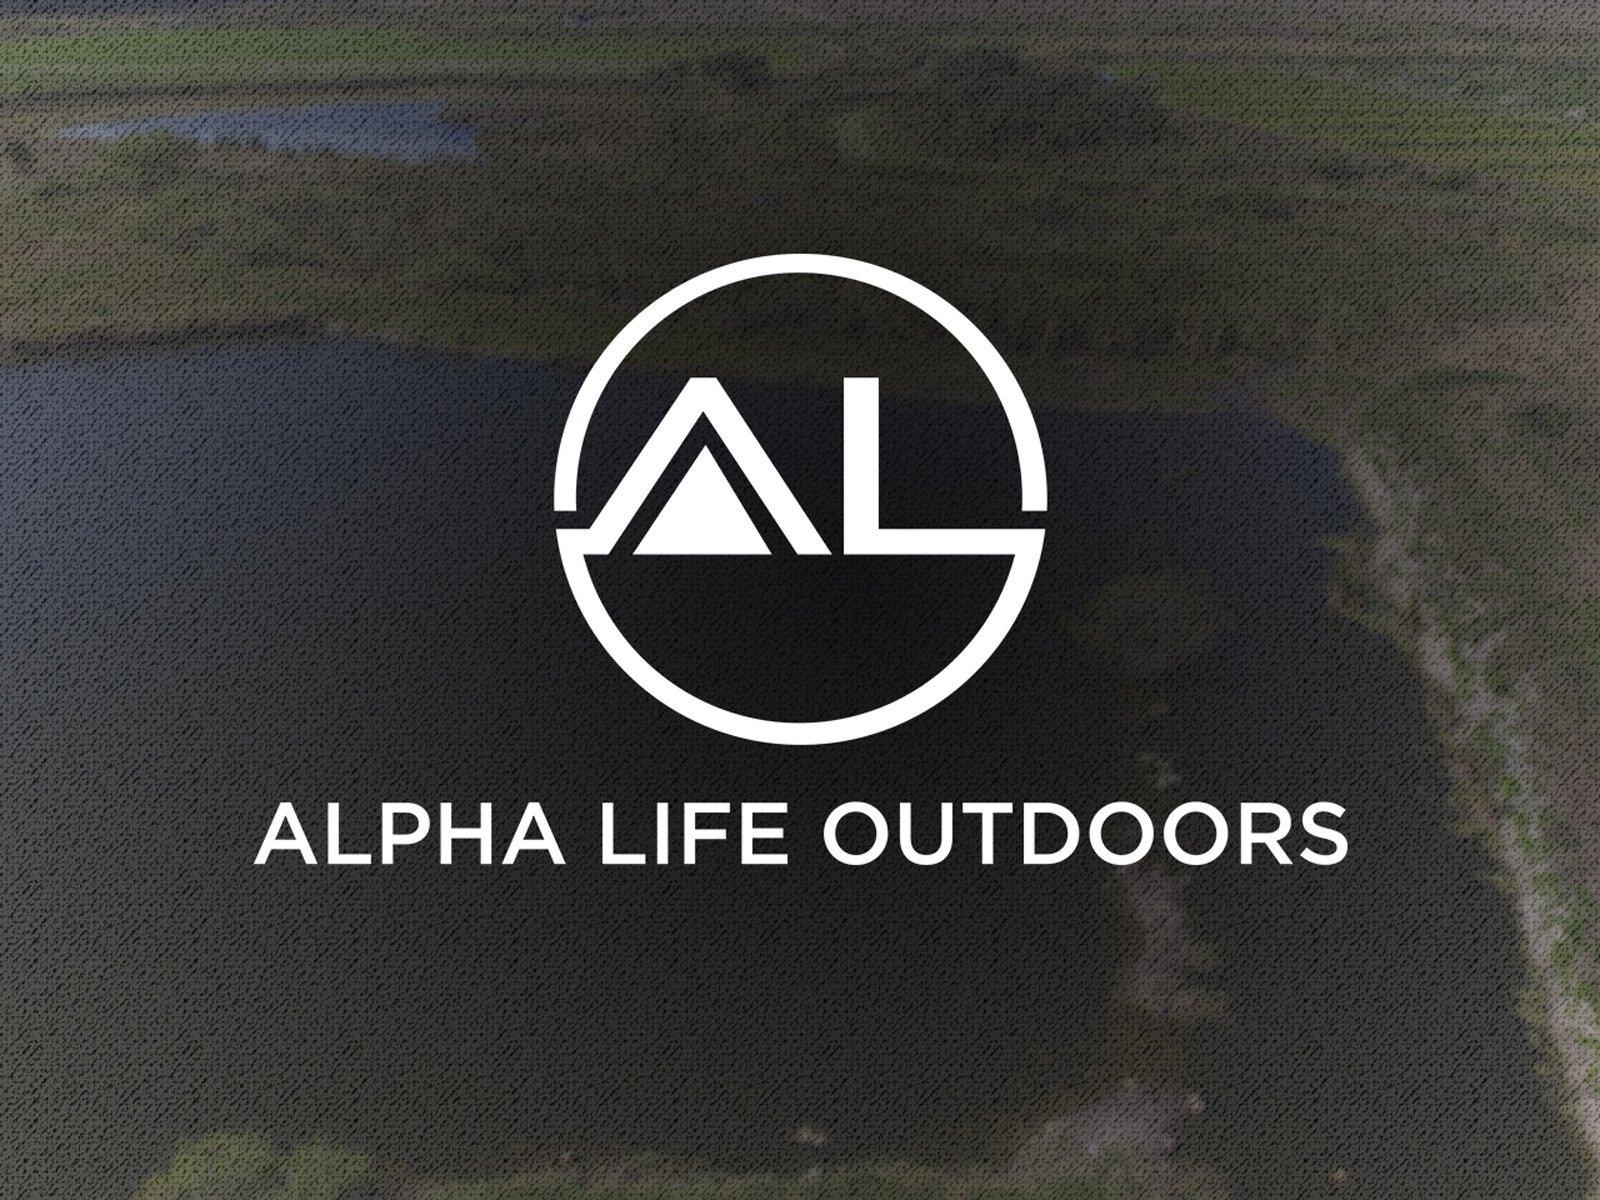 Alpha Life Outdoors - Season 1